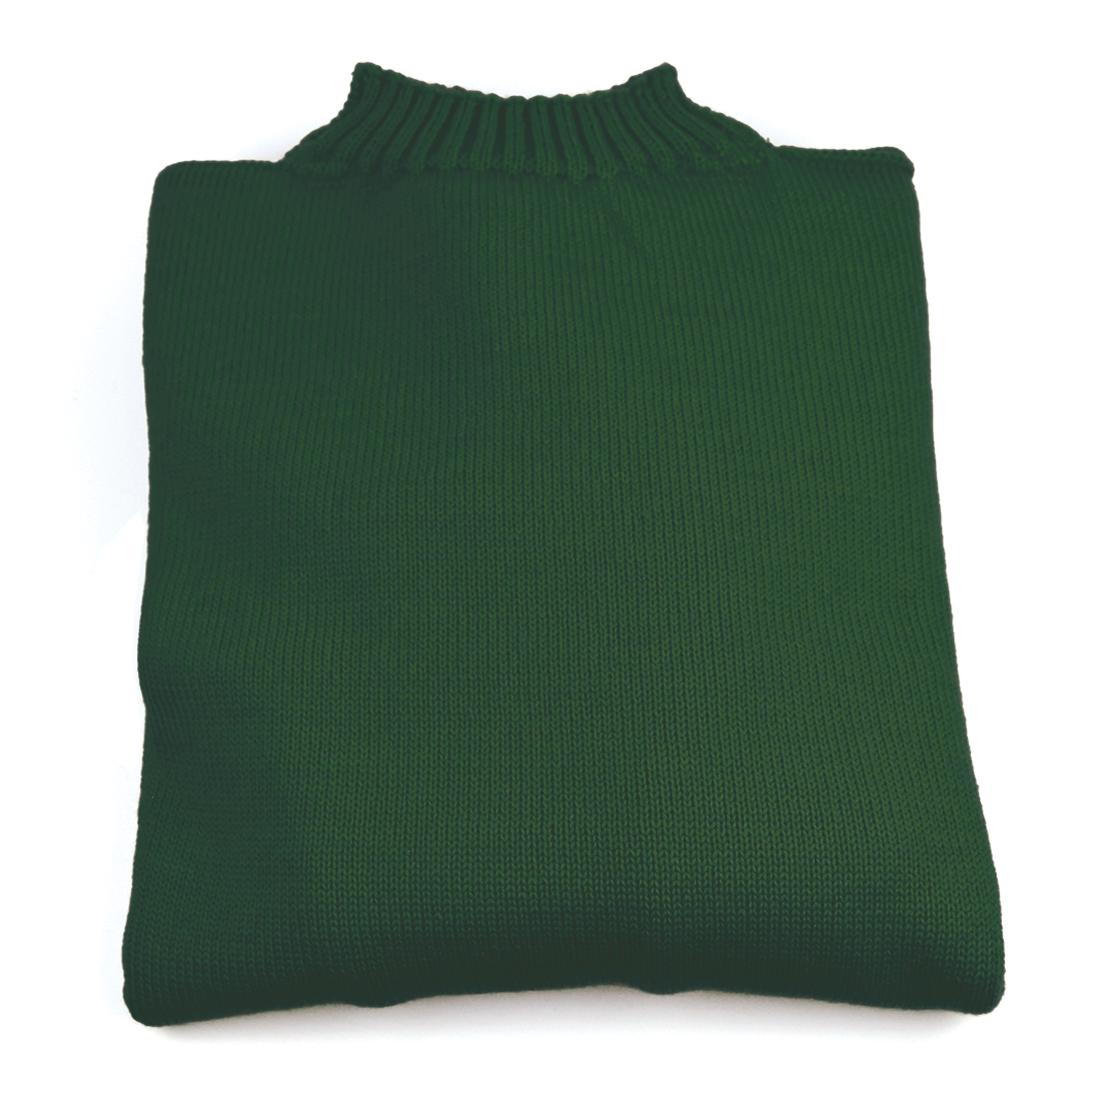 Traditional Wool Guernsey - Bottlegreen